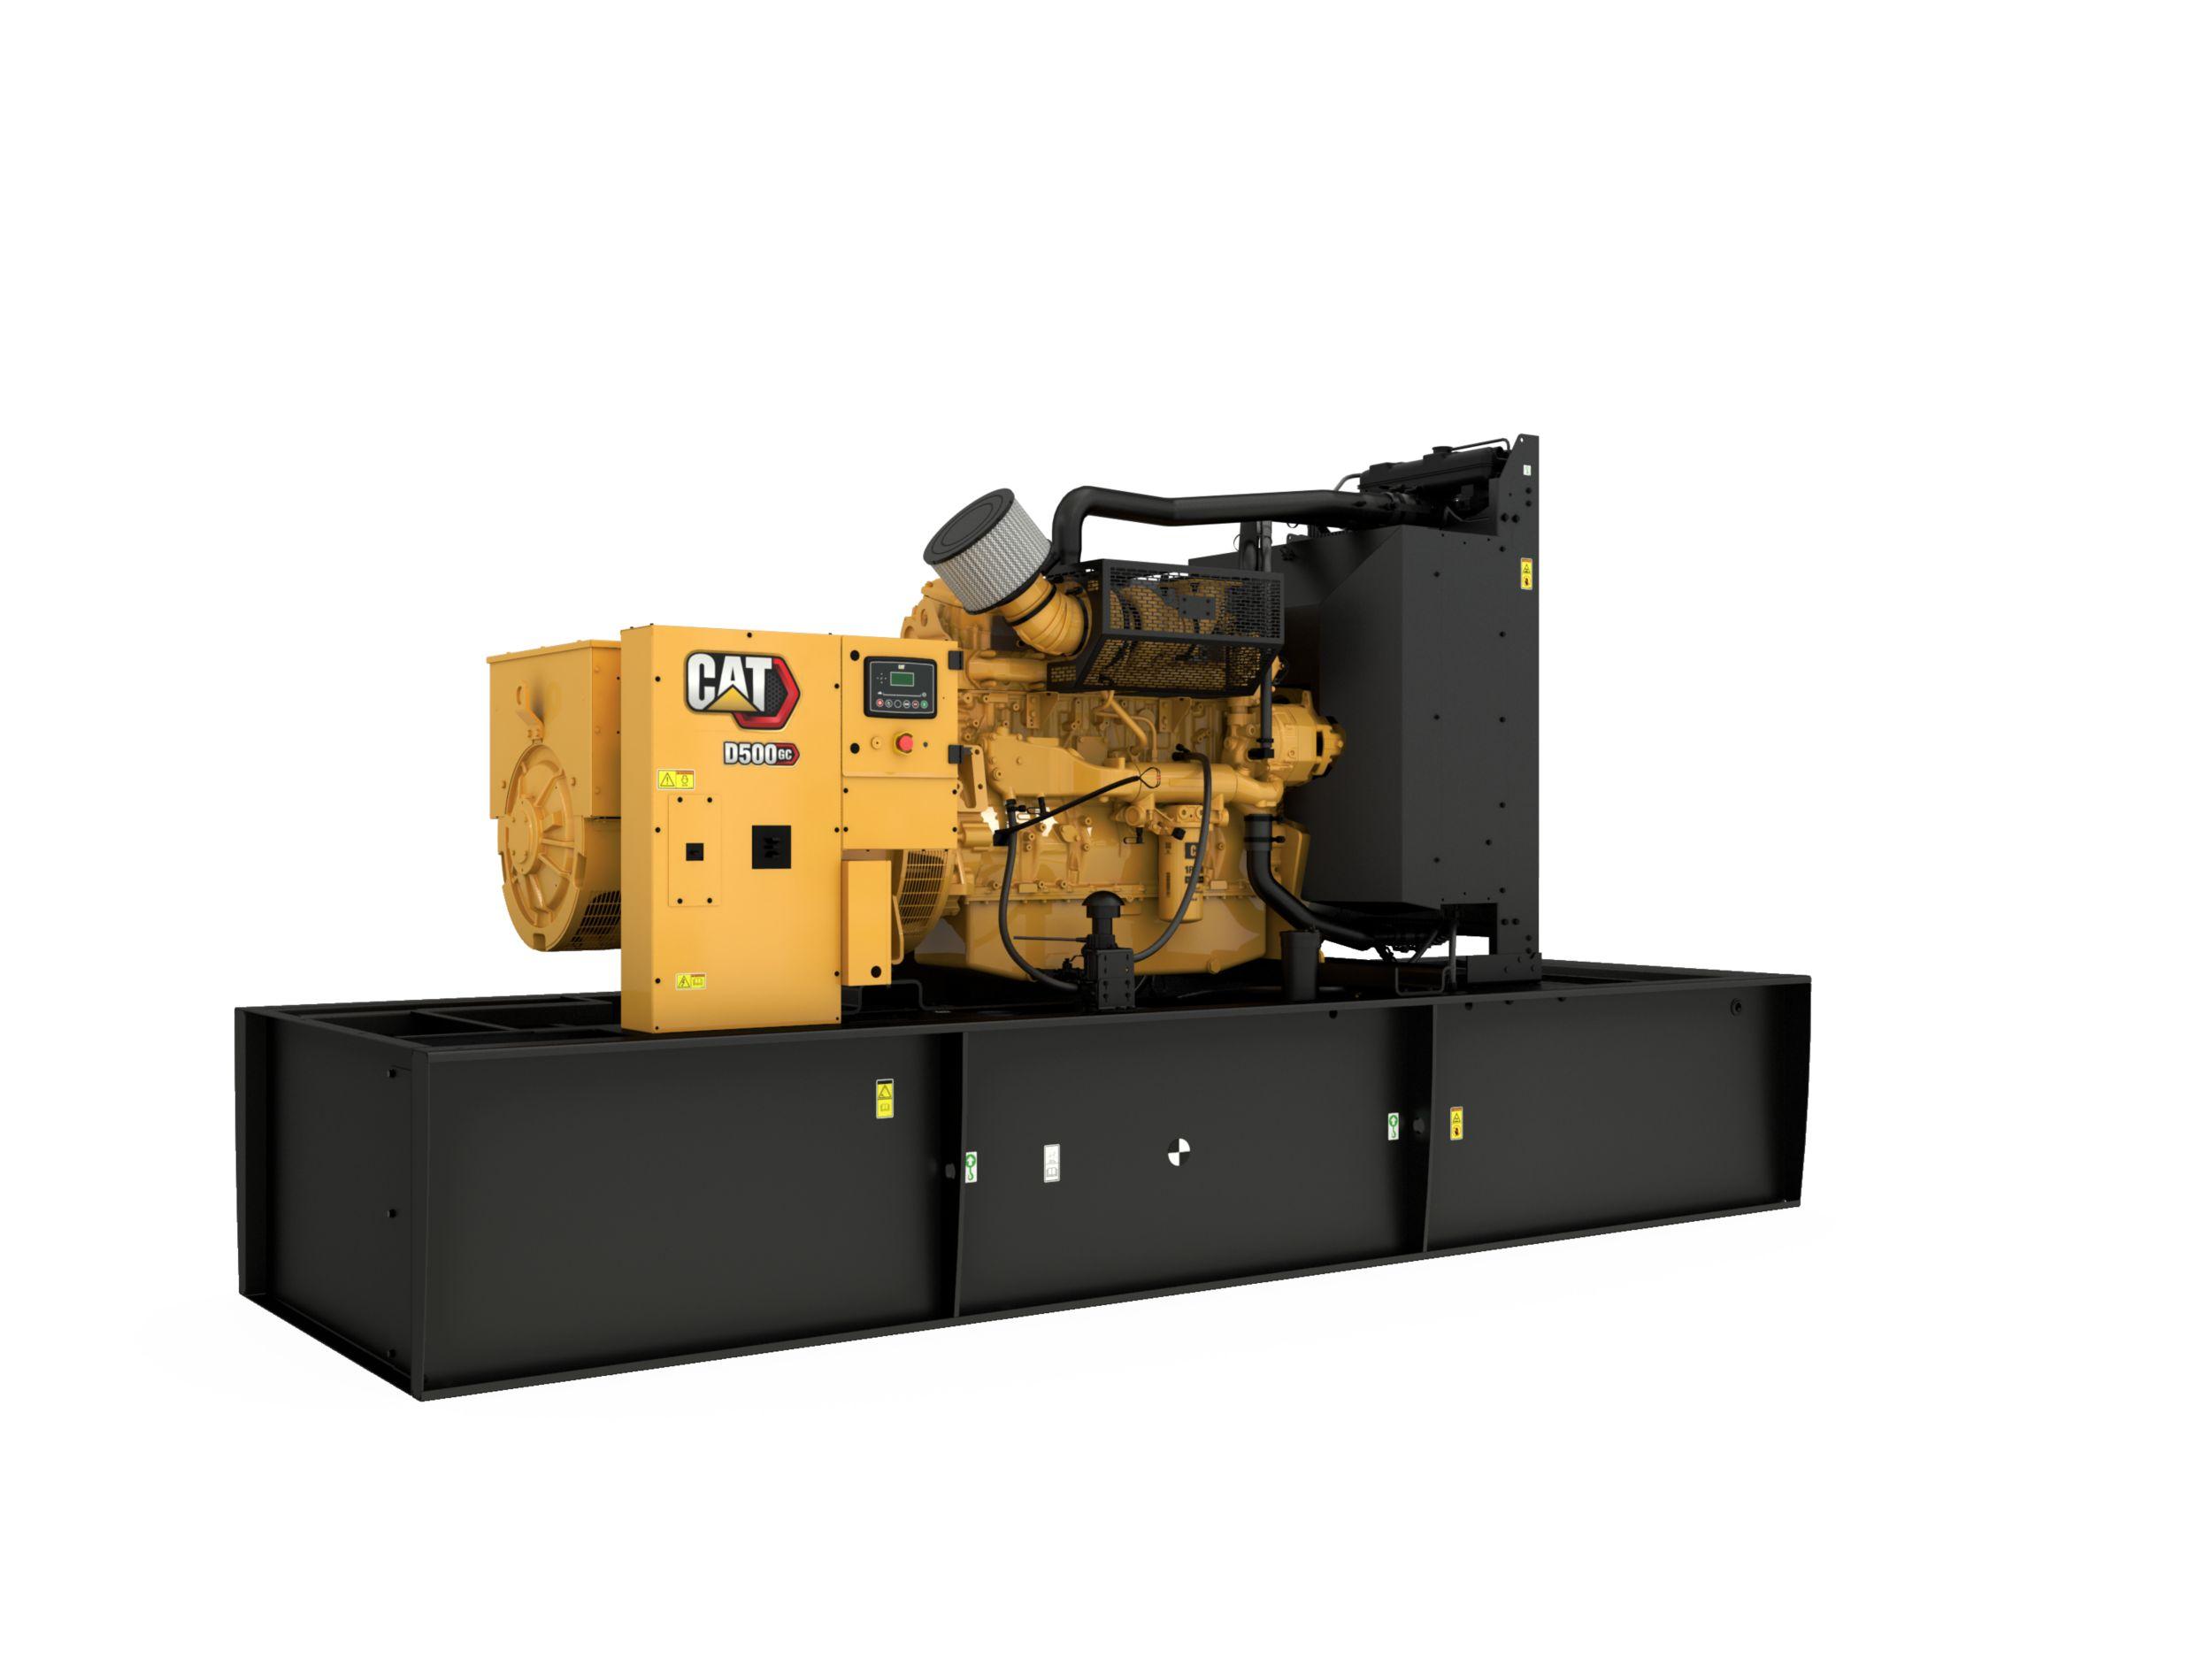 D450 GC/D500 GC (60 Hz) Generator Set